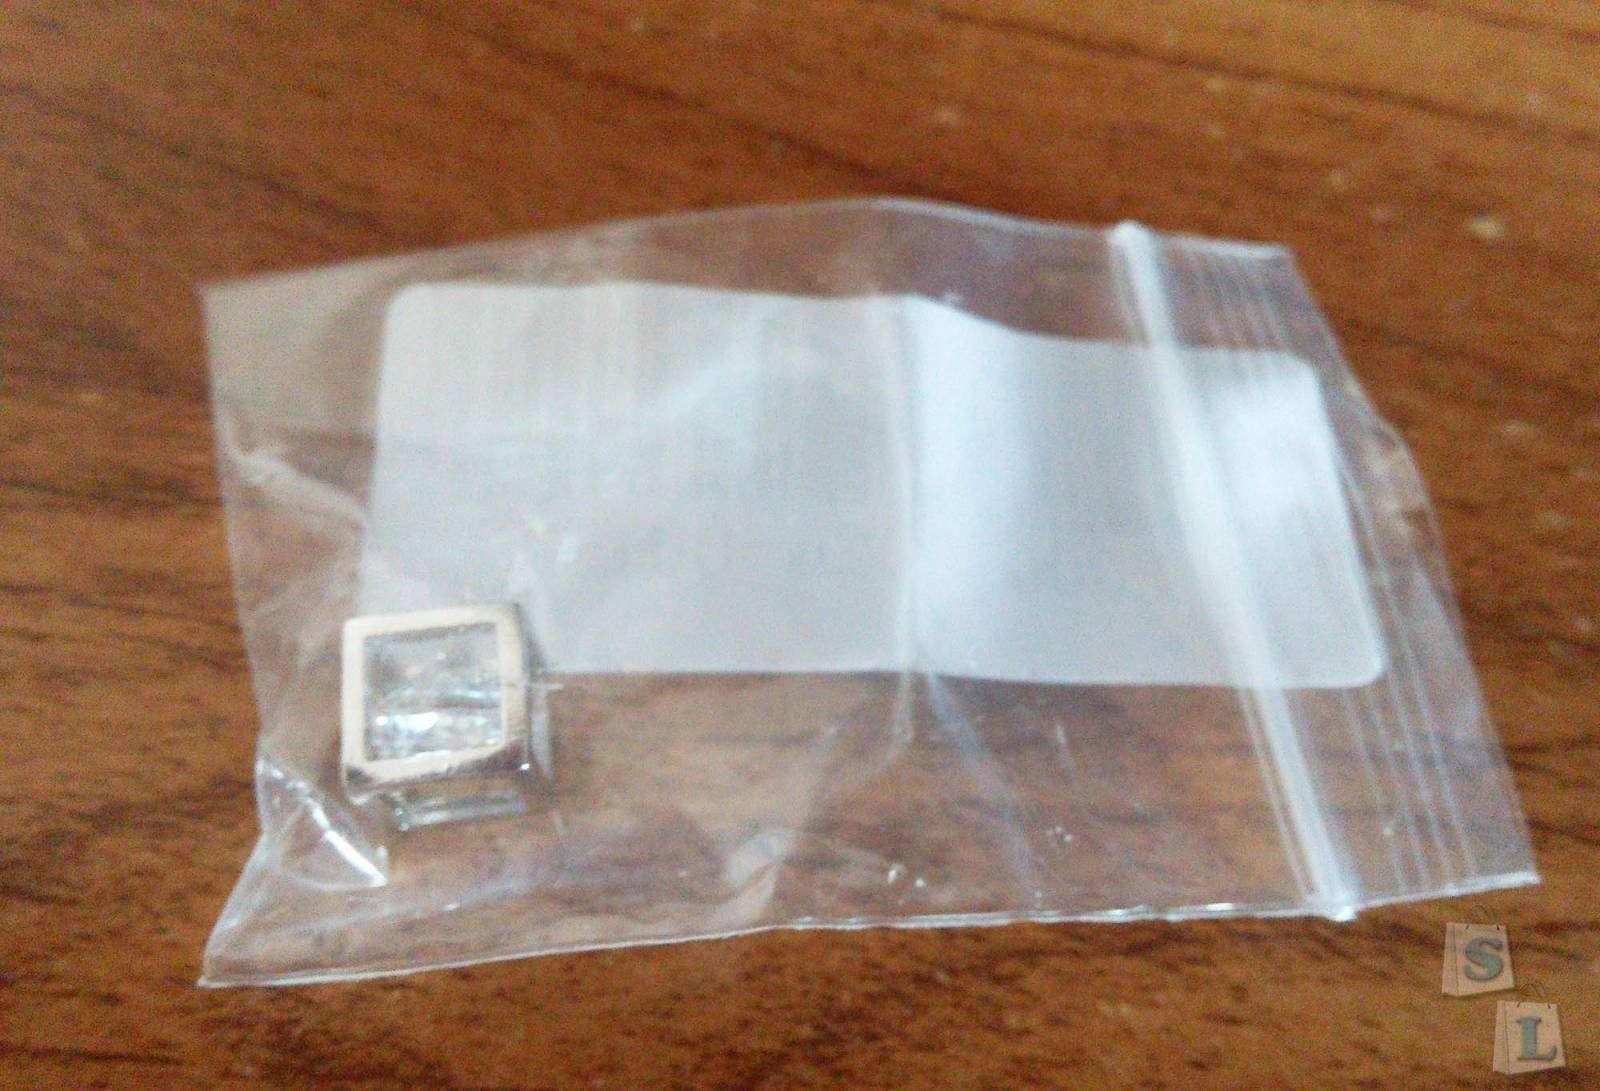 BuyinCoins: Симпатичный кулончик с камушком внутри.